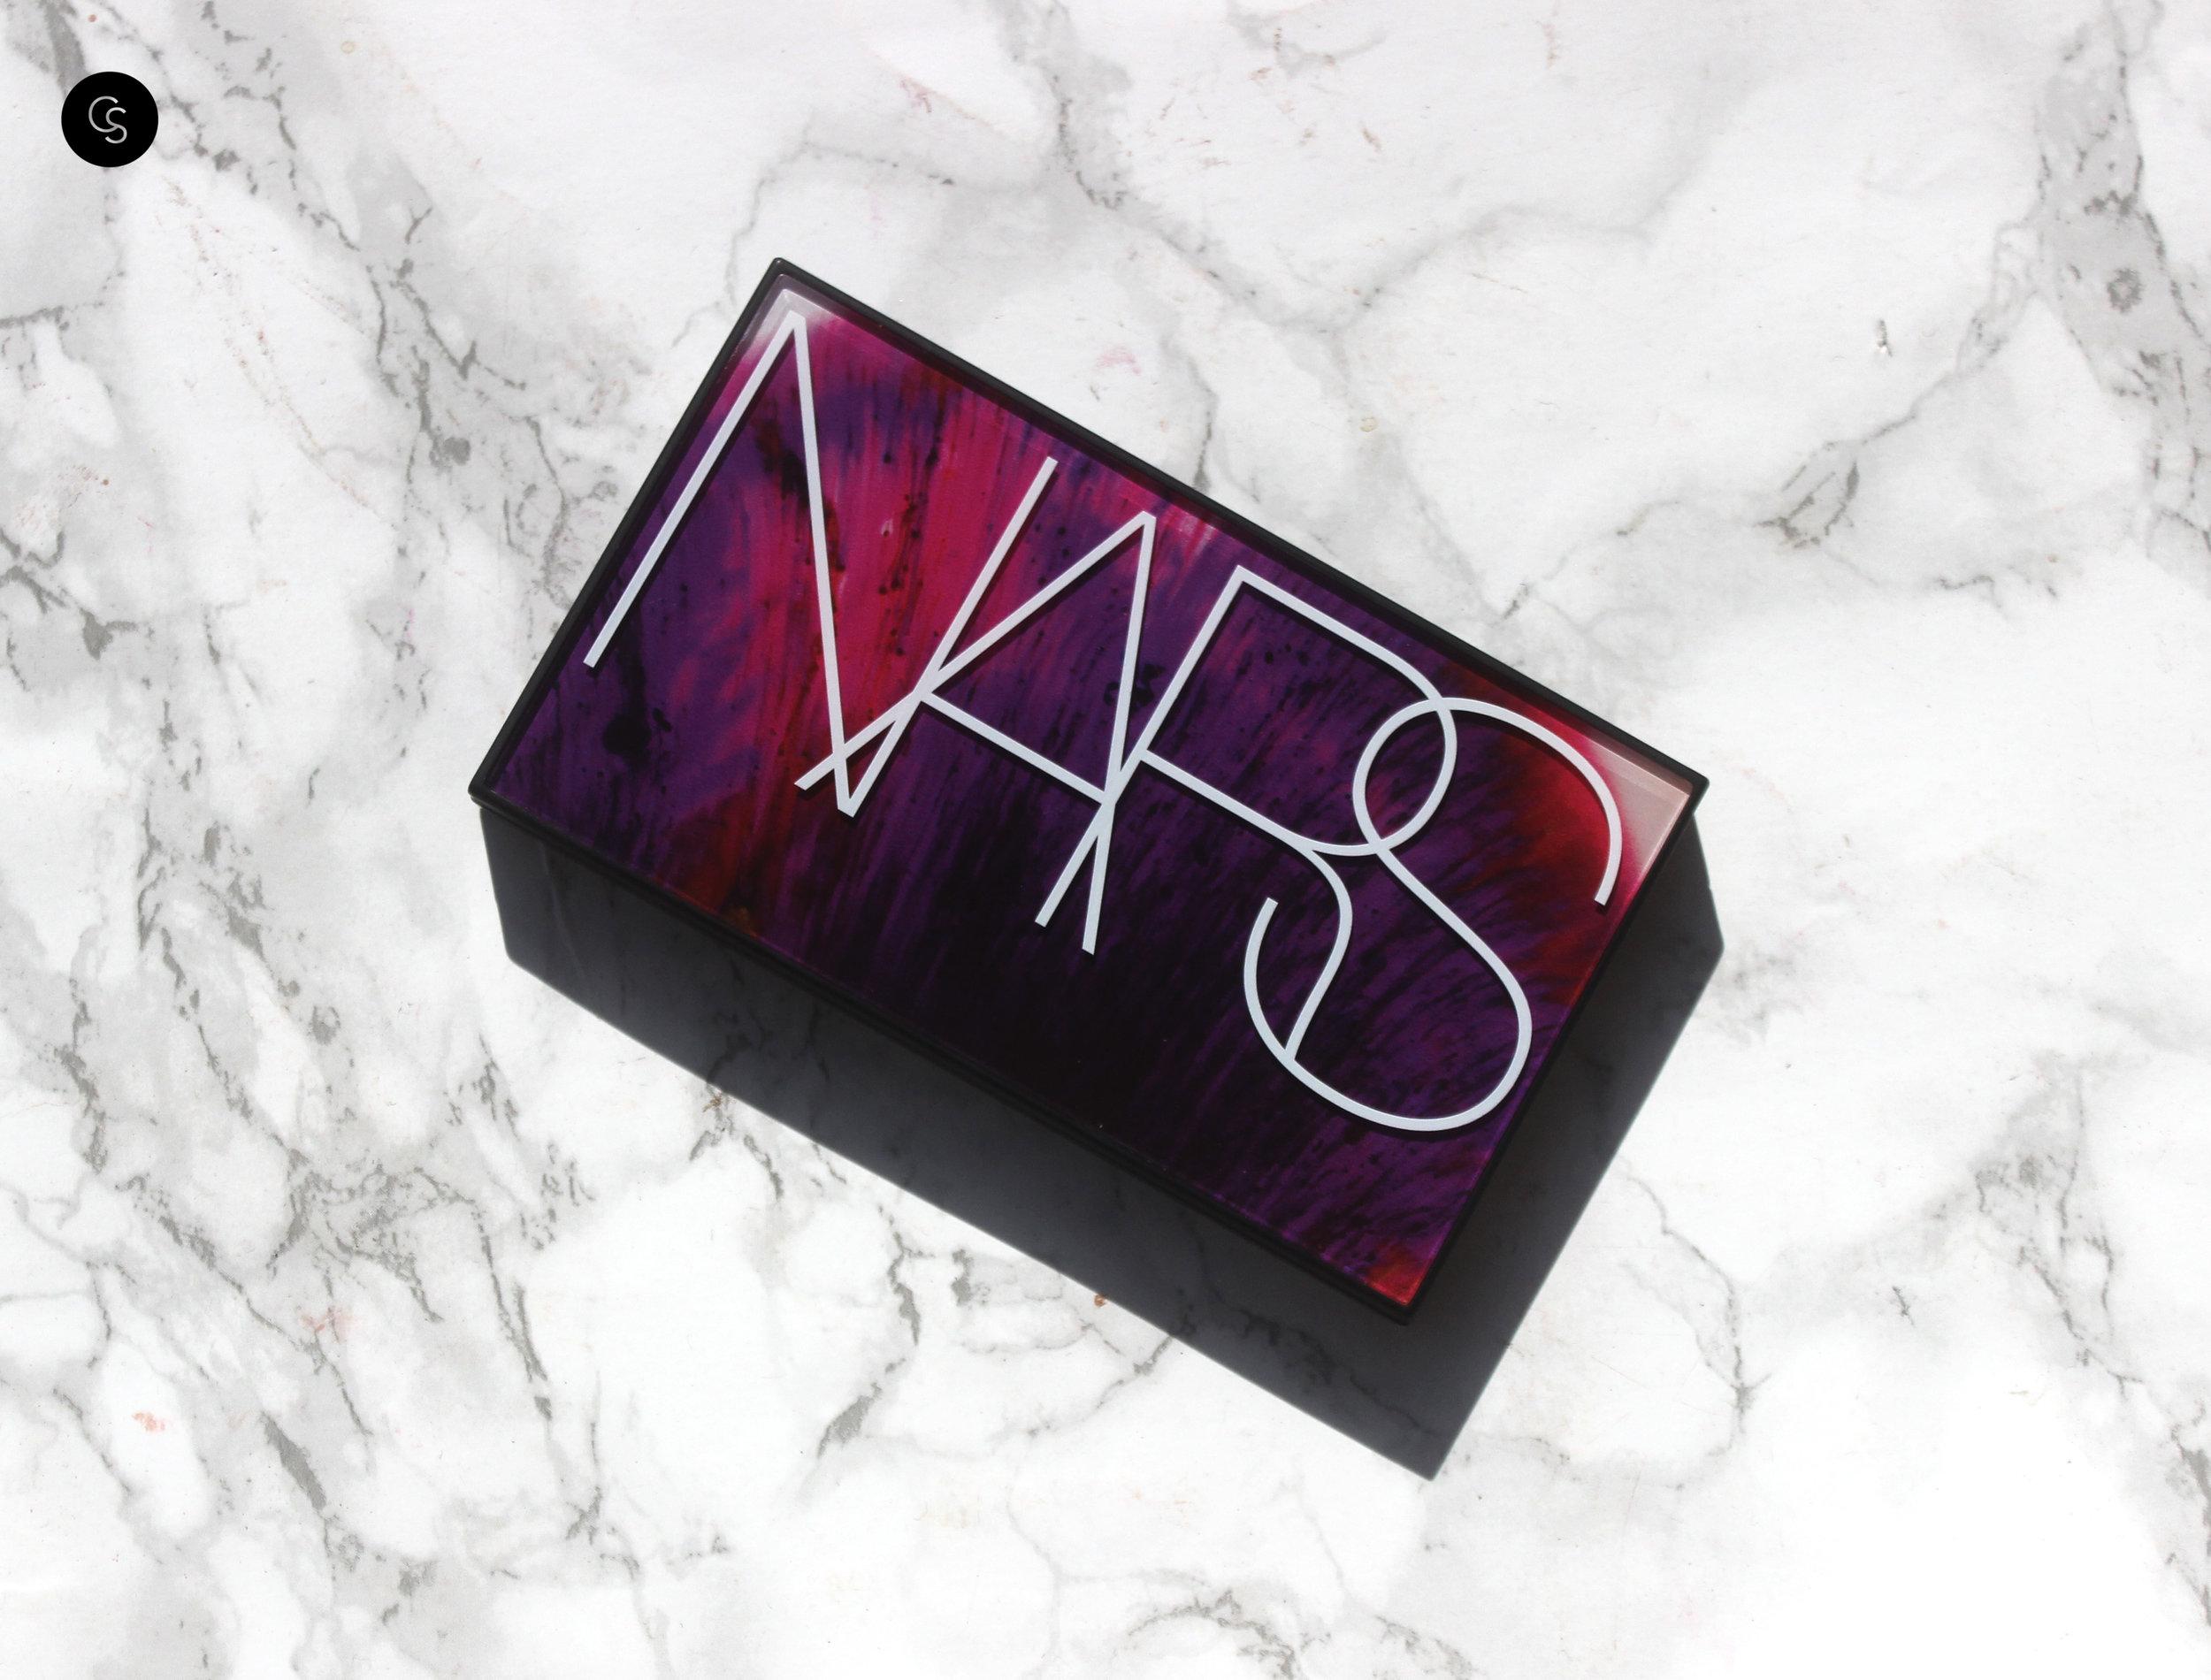 NARS-Ignited3.jpg